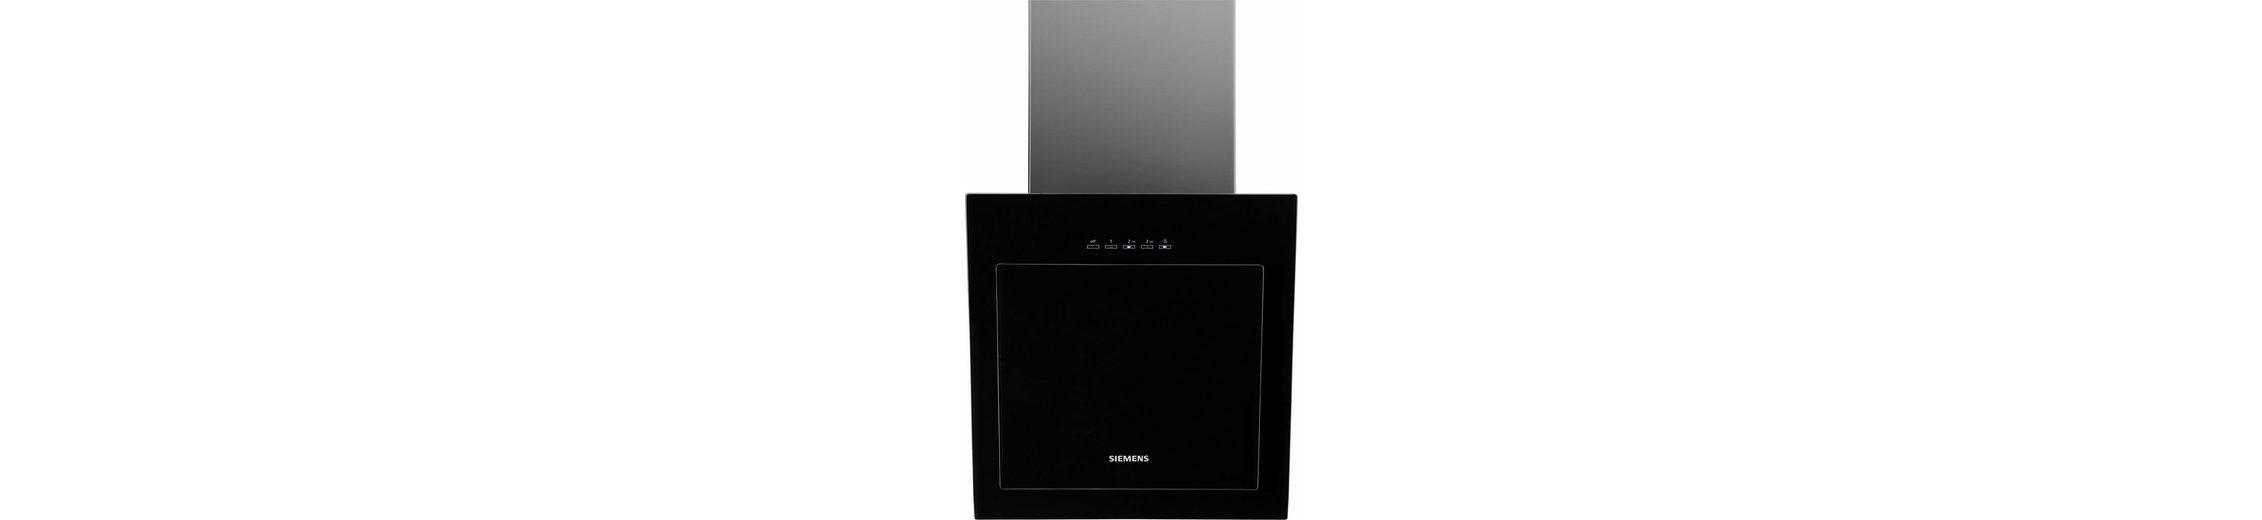 Siemens Kopffreihaube LC56KB670, A